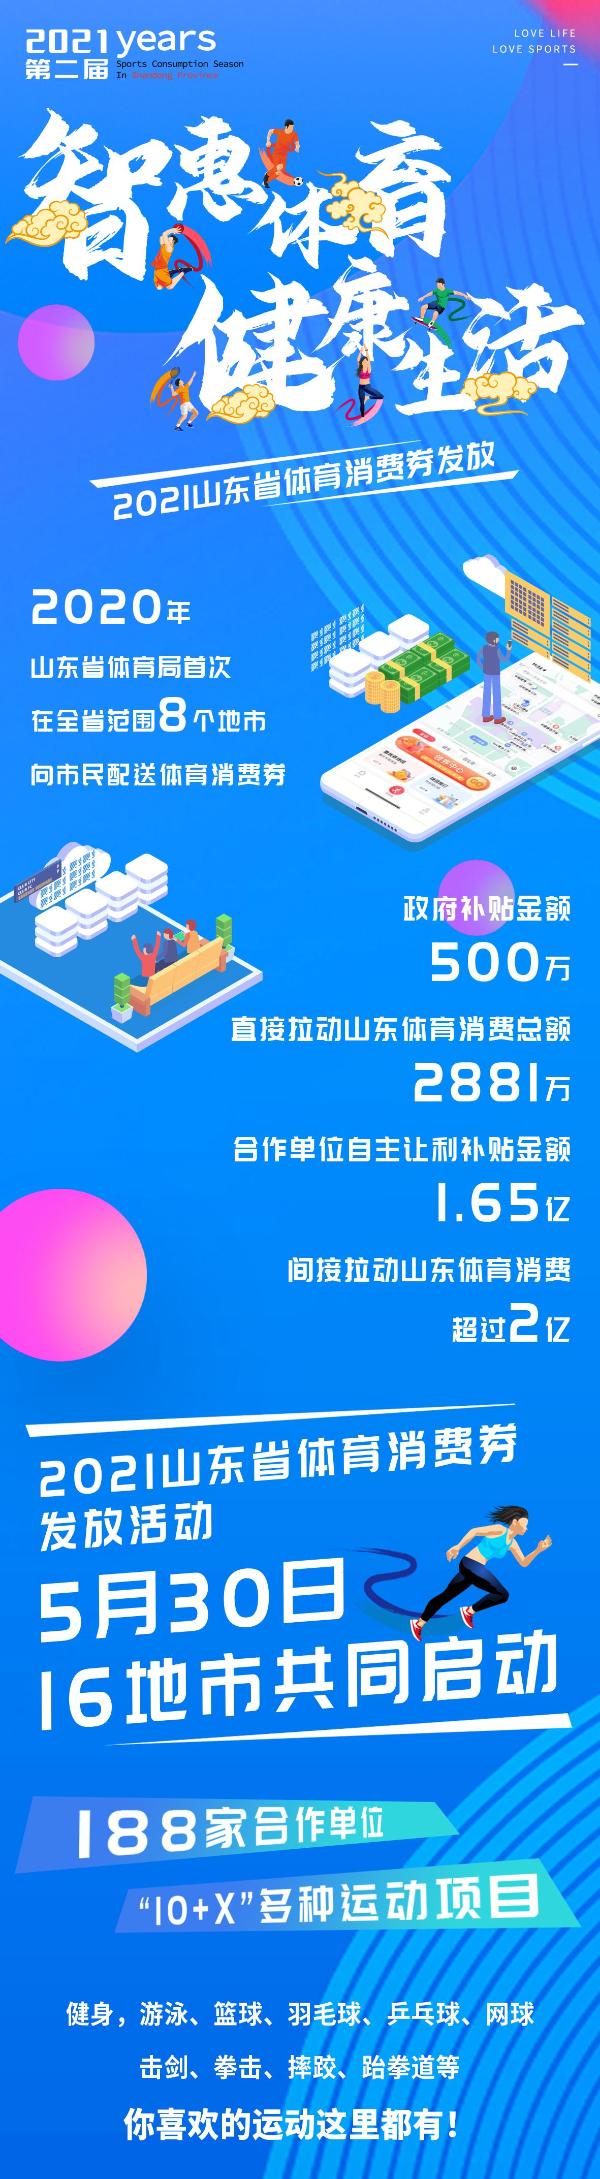 """2021第二届山东体育消费季 多重亮点助力""""智惠体育"""",服务升级成就""""健康生活""""!"""